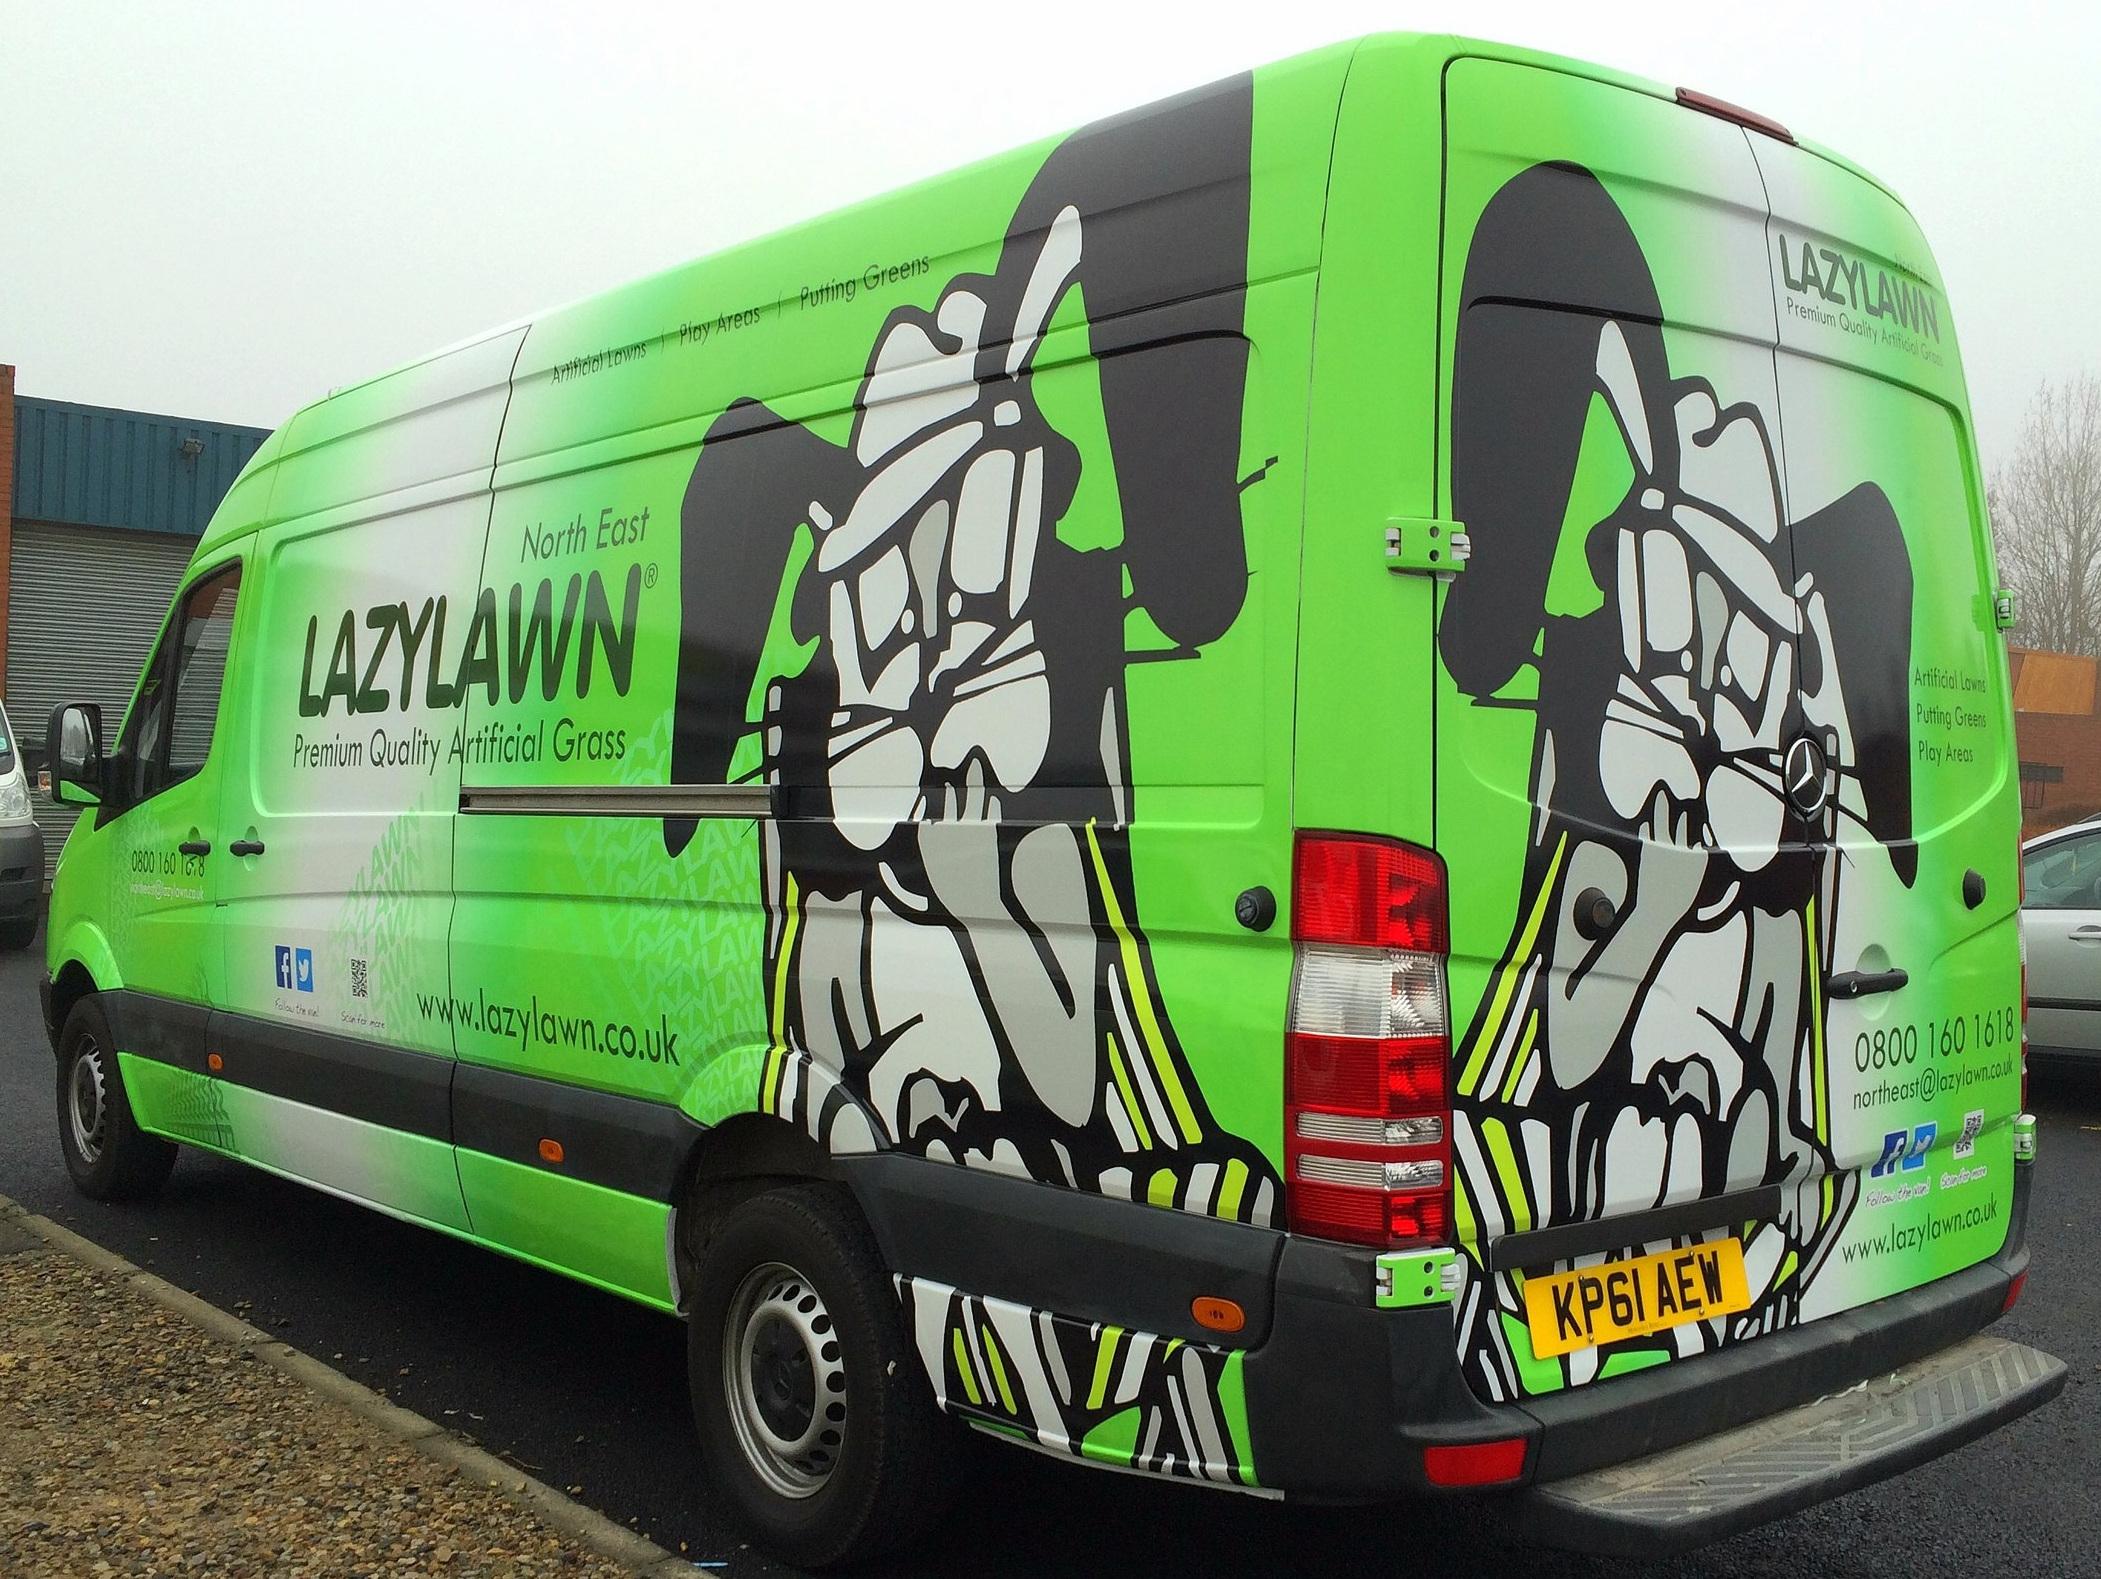 LAZYLAWN   Full wrap on a long wheelbase van.